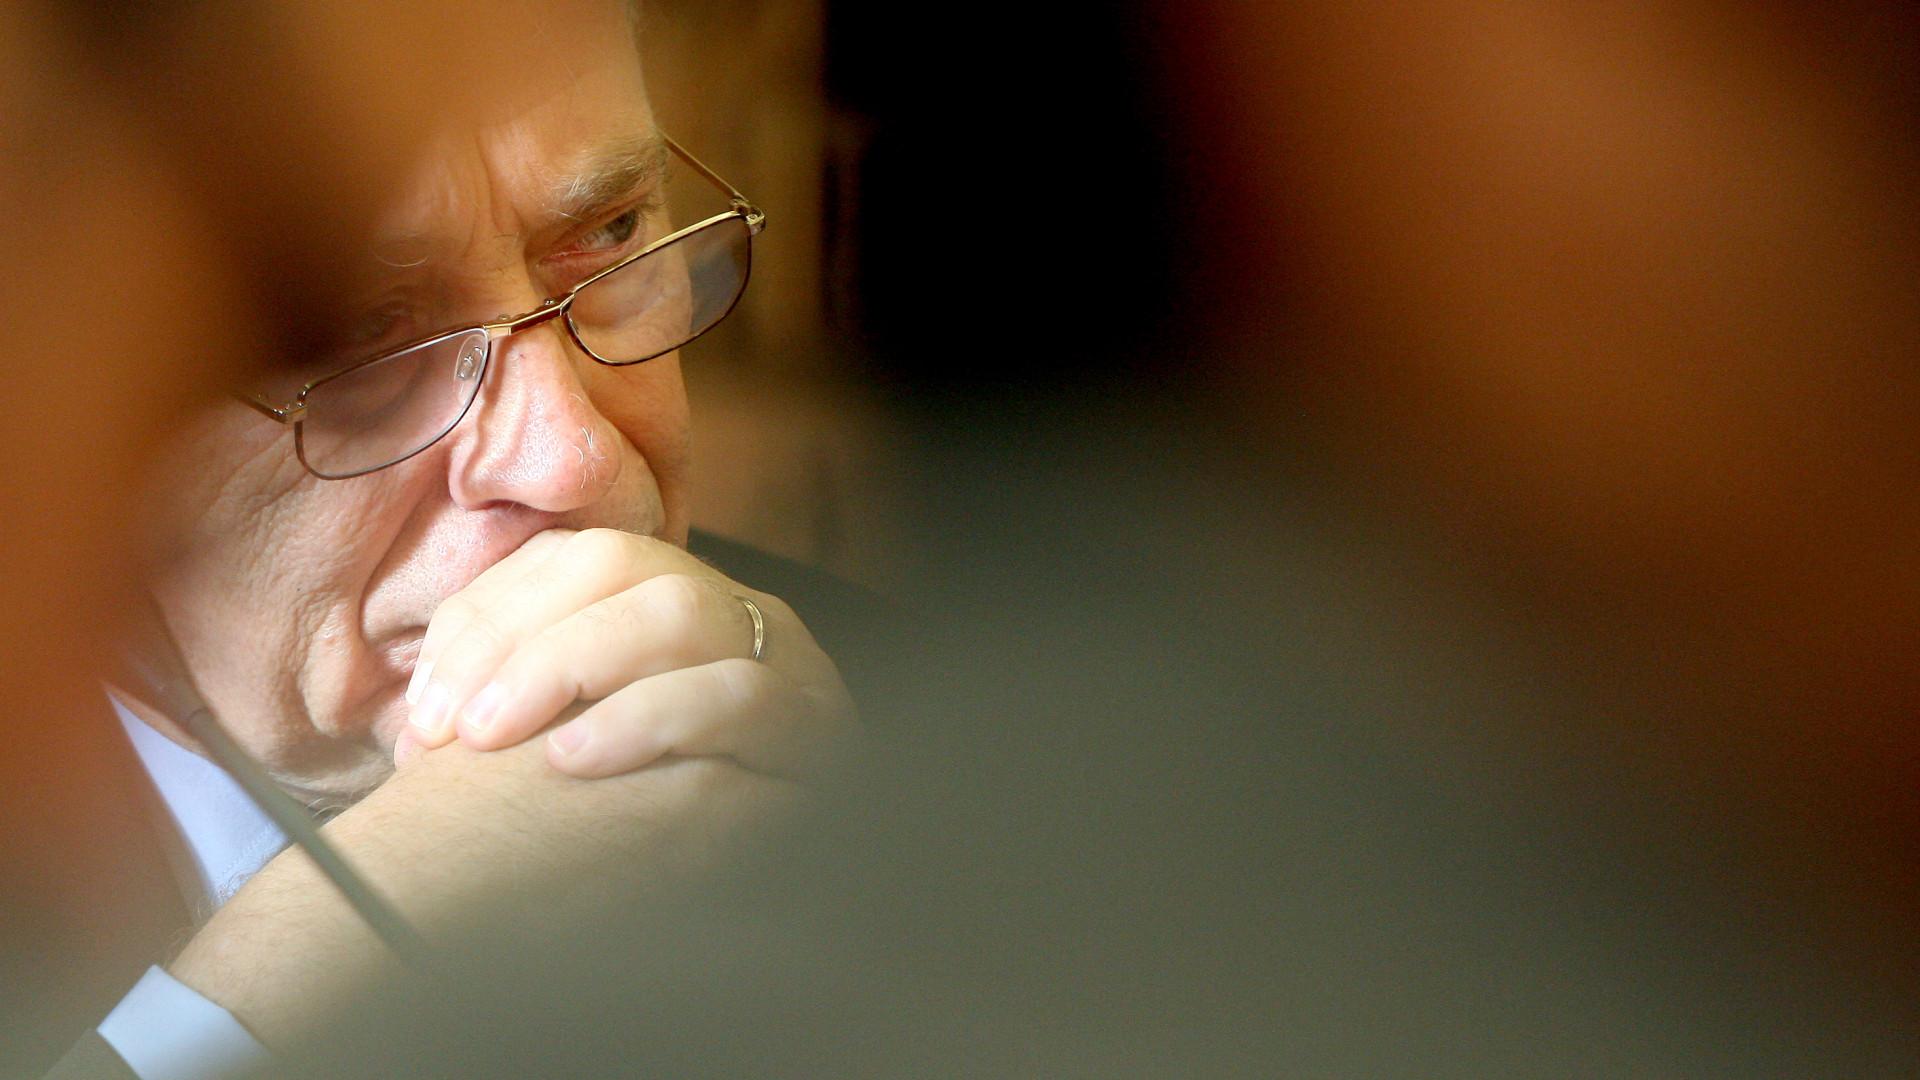 Carlos Costa antecipou-se, mas 'caiu' no olho do furacão CGD. E agora?